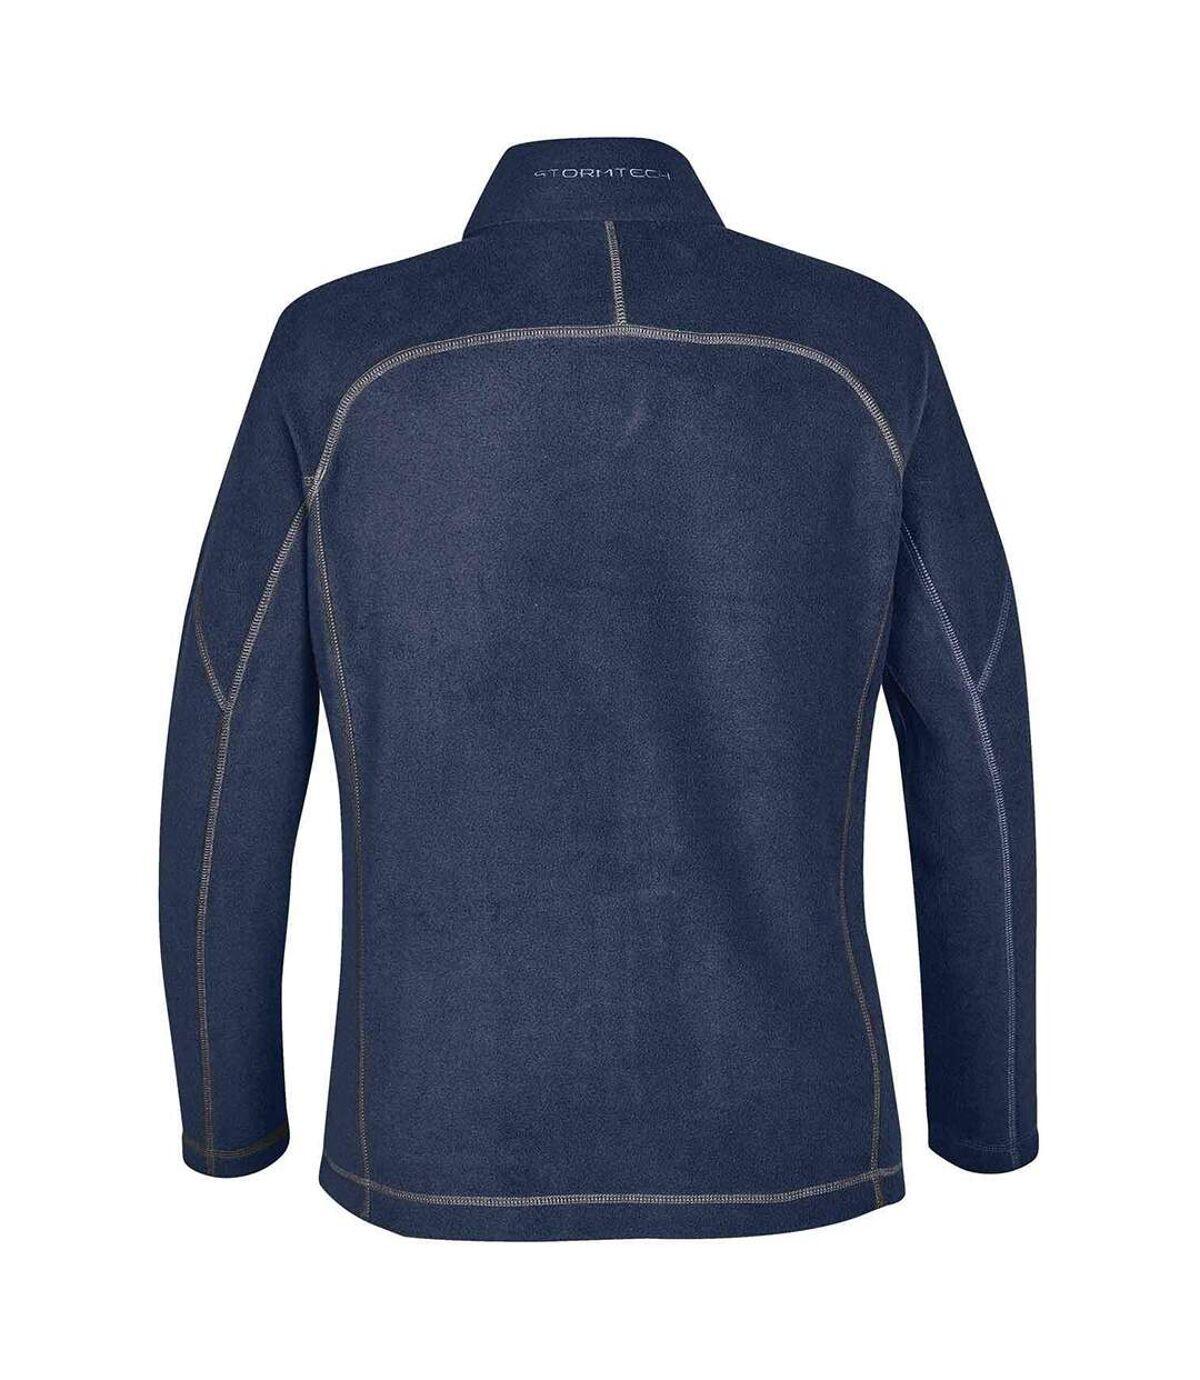 Stormtech Mens Reactor Fleece Shell Jacket (Navy Blue) - UTBC3889